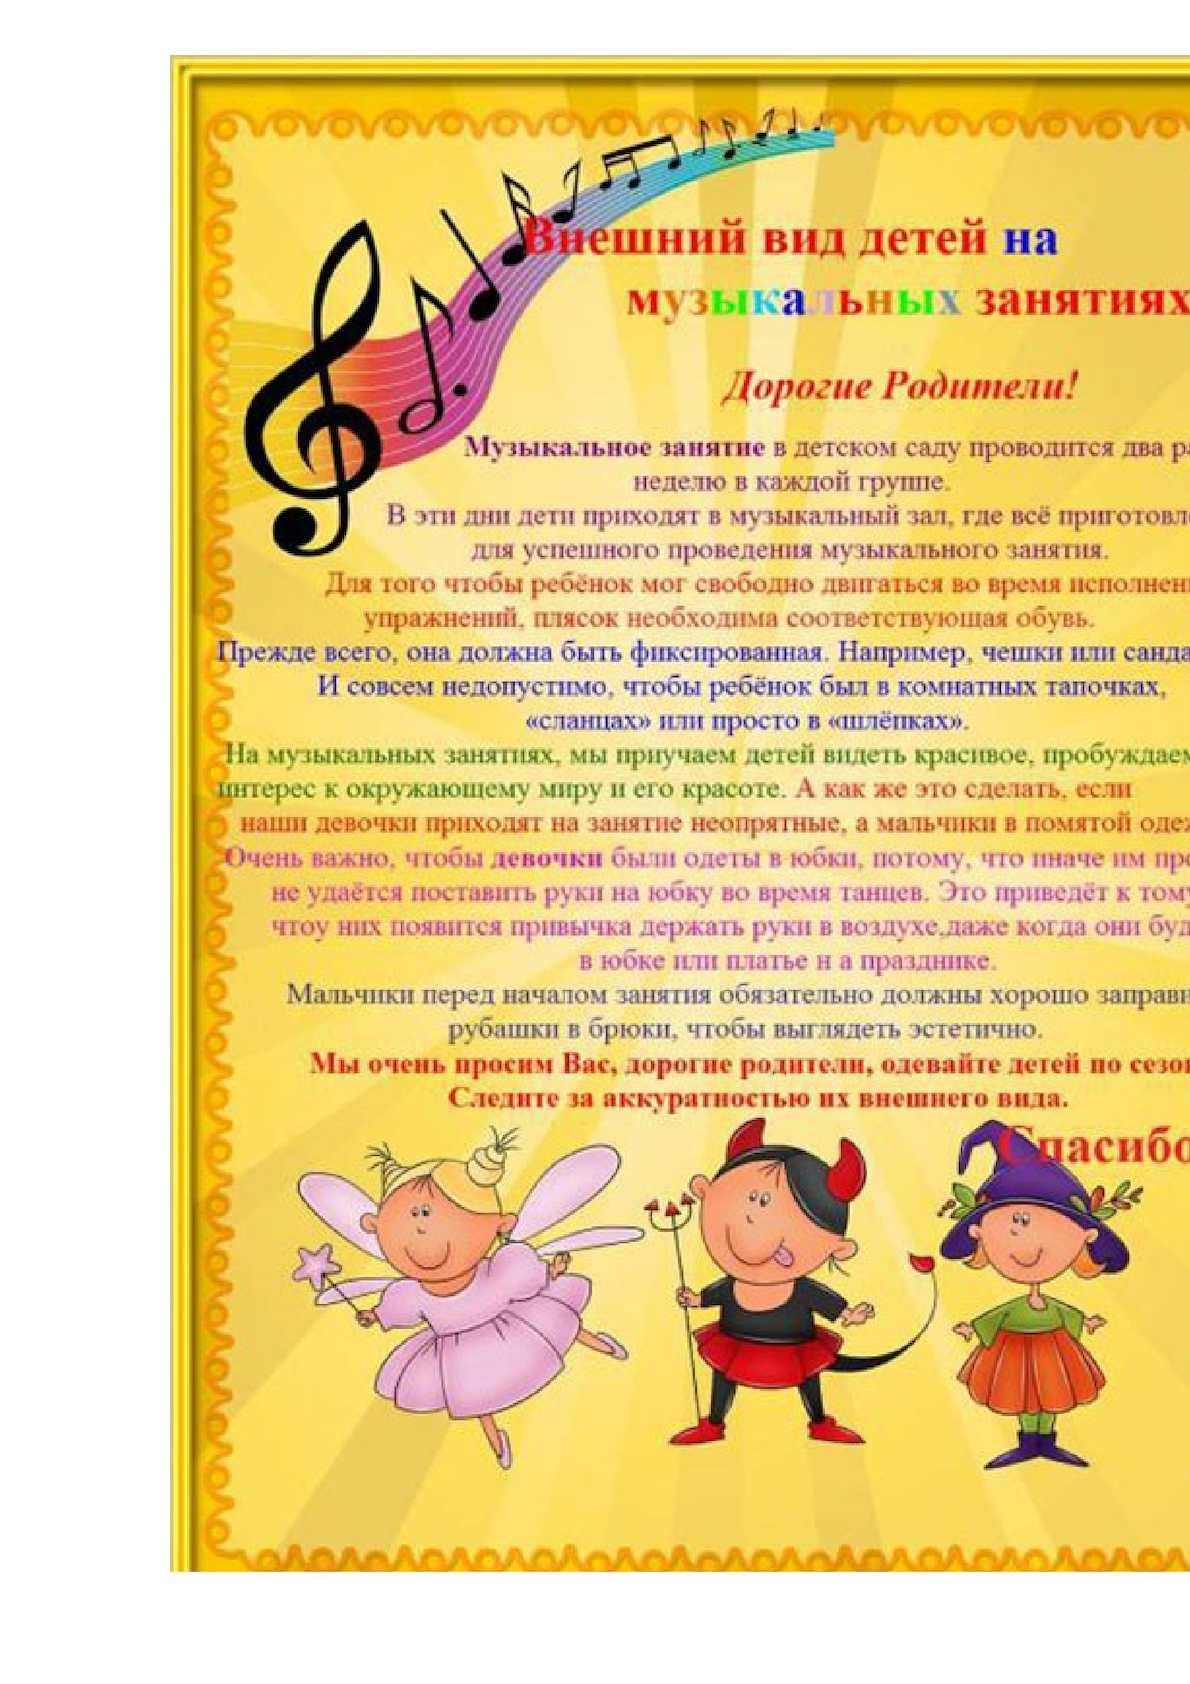 Схема музыкального занятия в детском саду